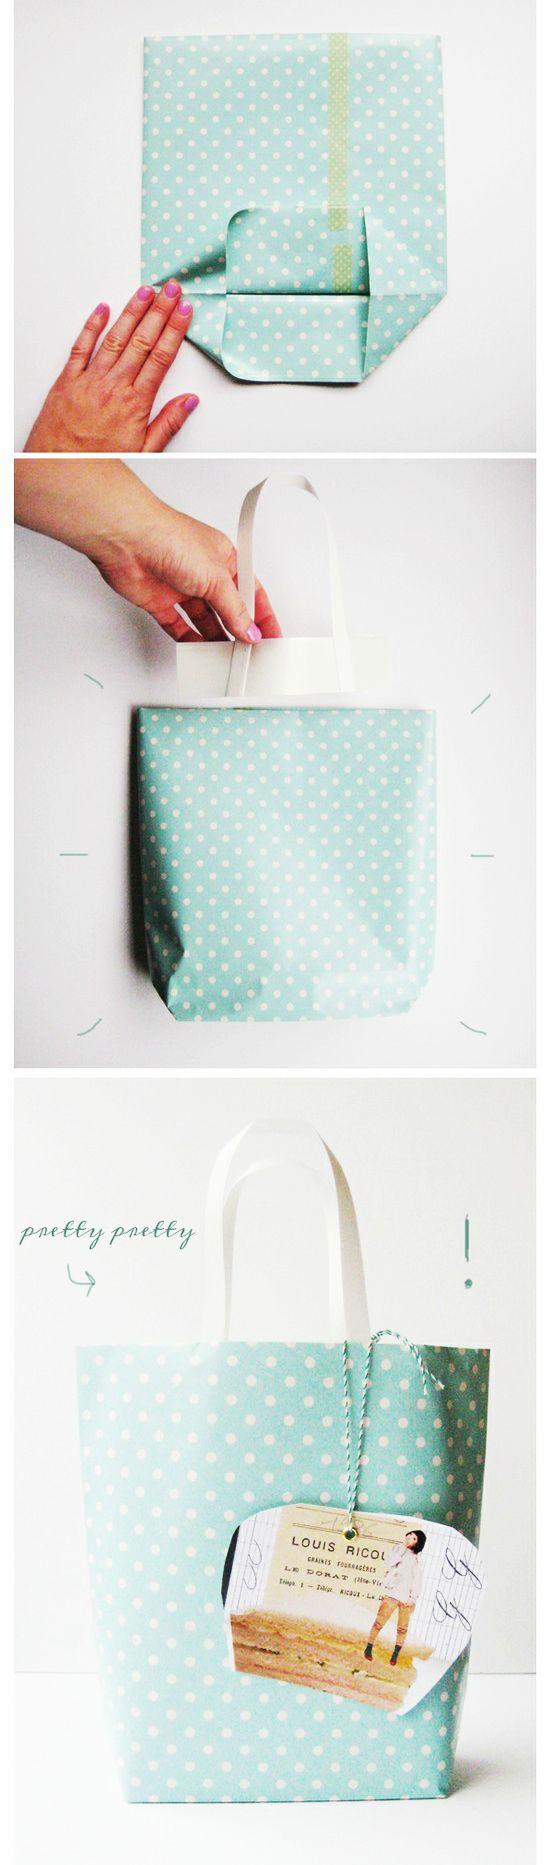 DIY-Paper-Gift-Bag.jpg 553×1,865 pixels